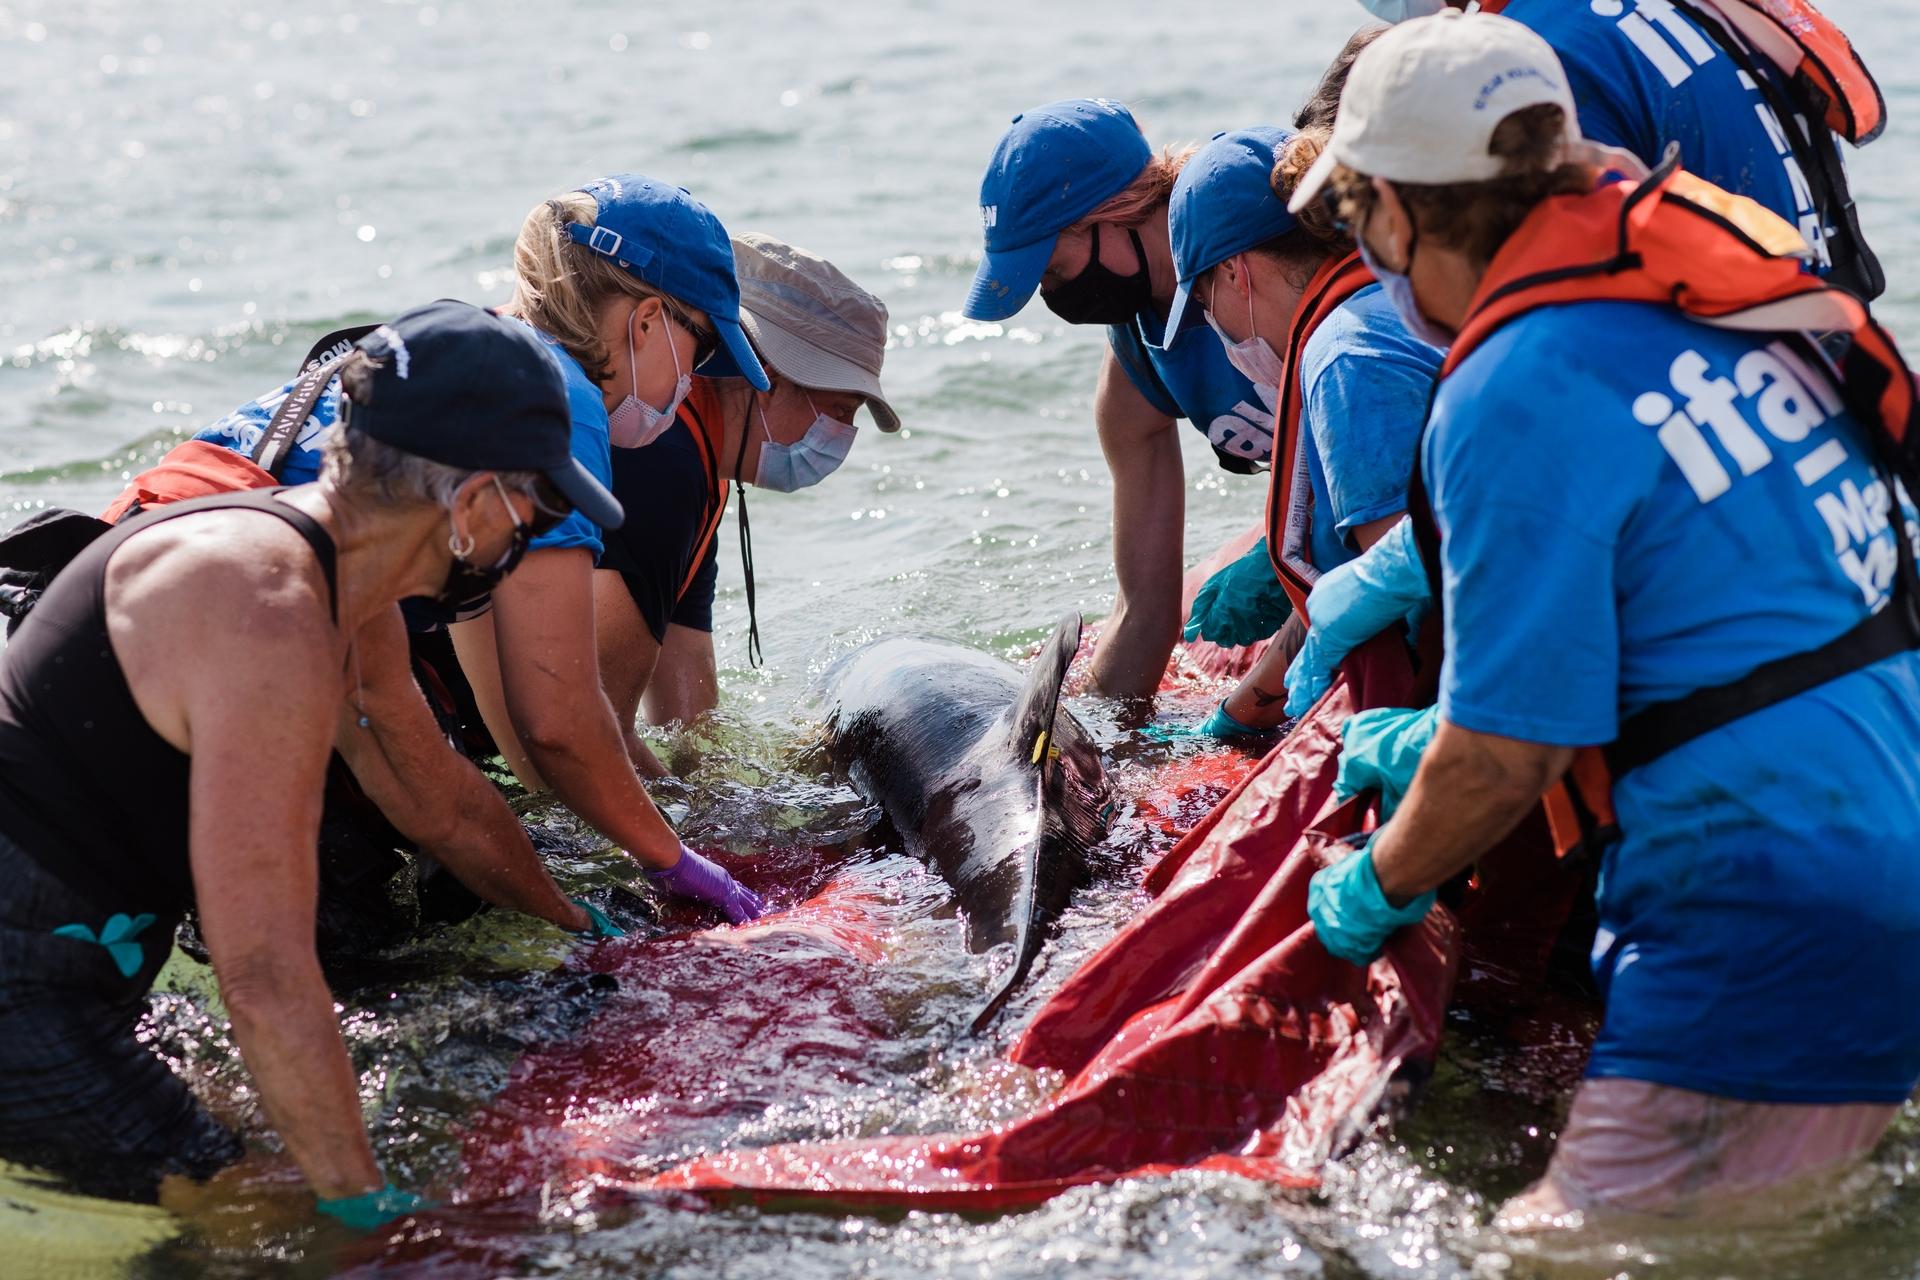 鯨豚擱淺事件層出不窮,「鯨豚擱淺的死因分析」是鯨豚調查局的重要目標。圖/ pexel